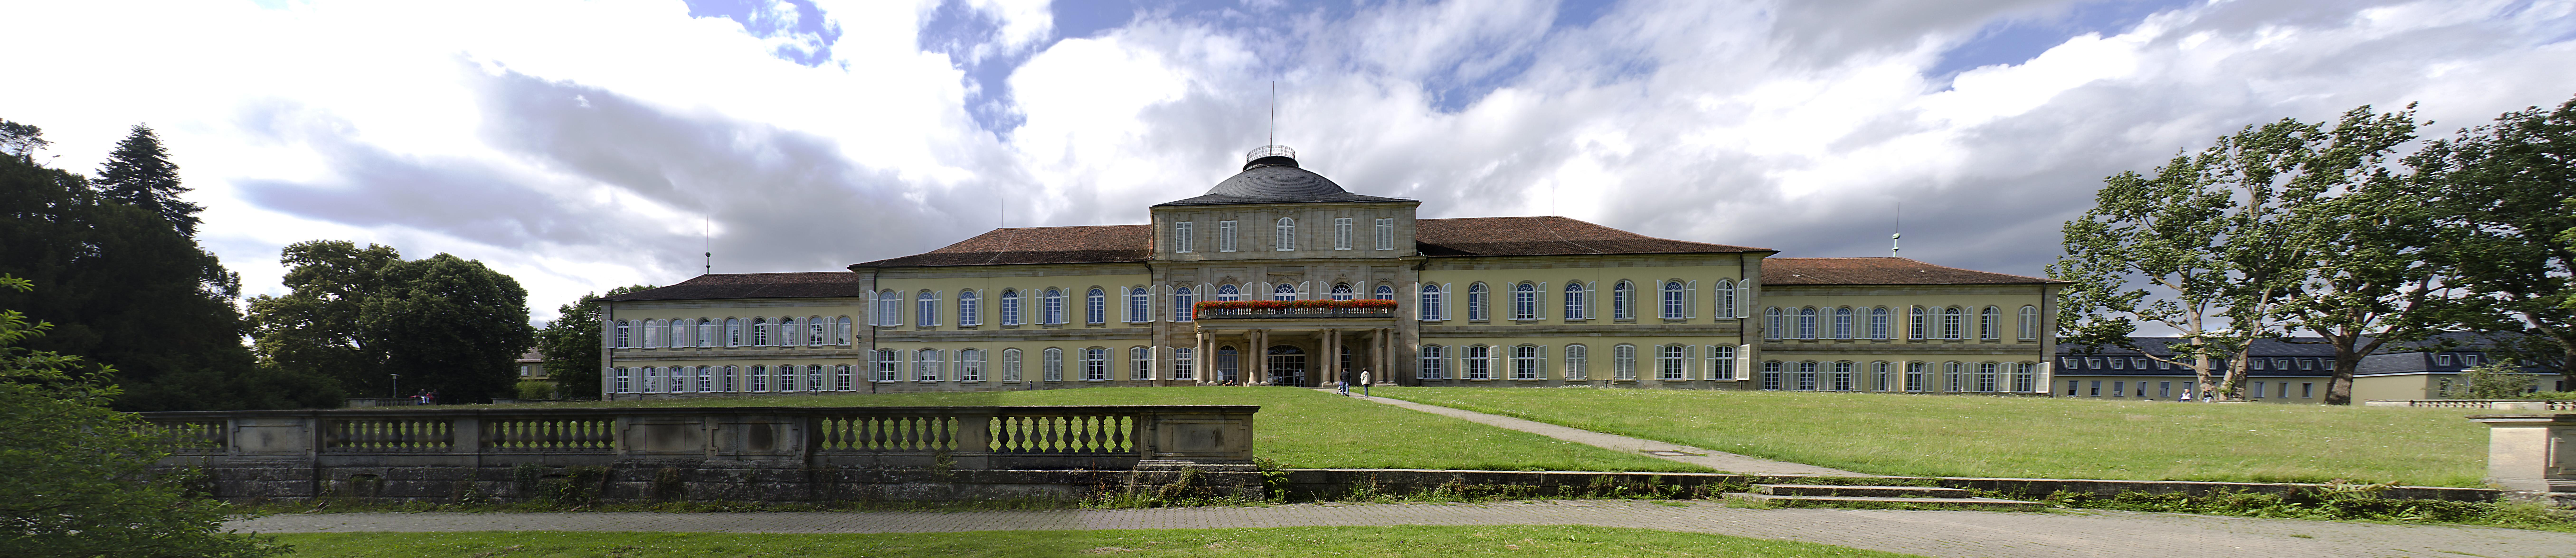 Schloß Hohenheim, Stuttgart